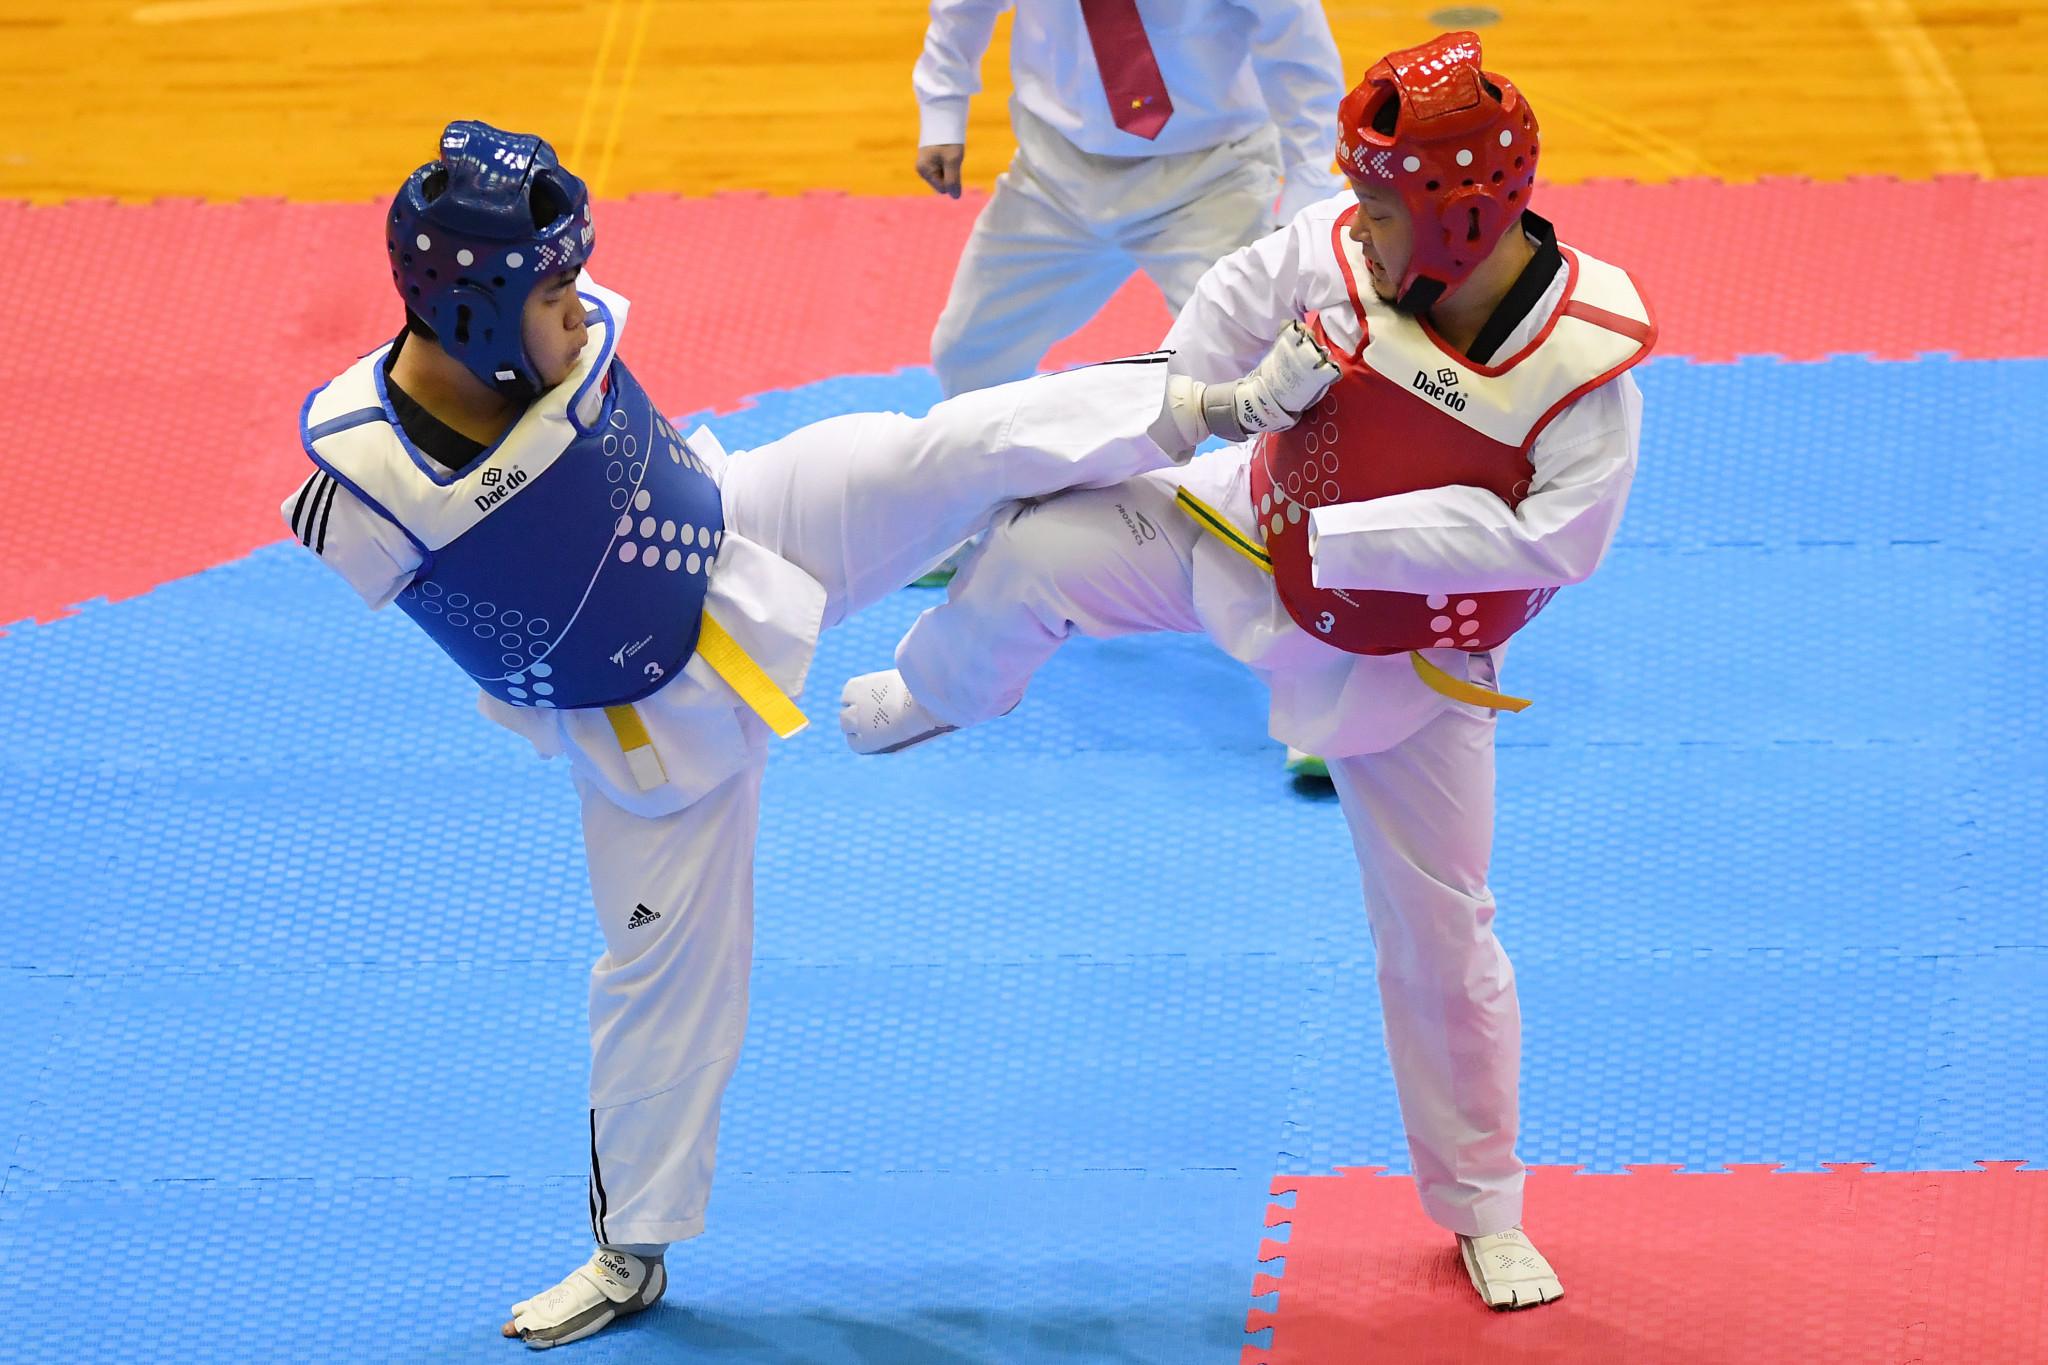 Refugee Paralympic taekwondo athlete Hakizimana set to make mark at Tokyo 2020